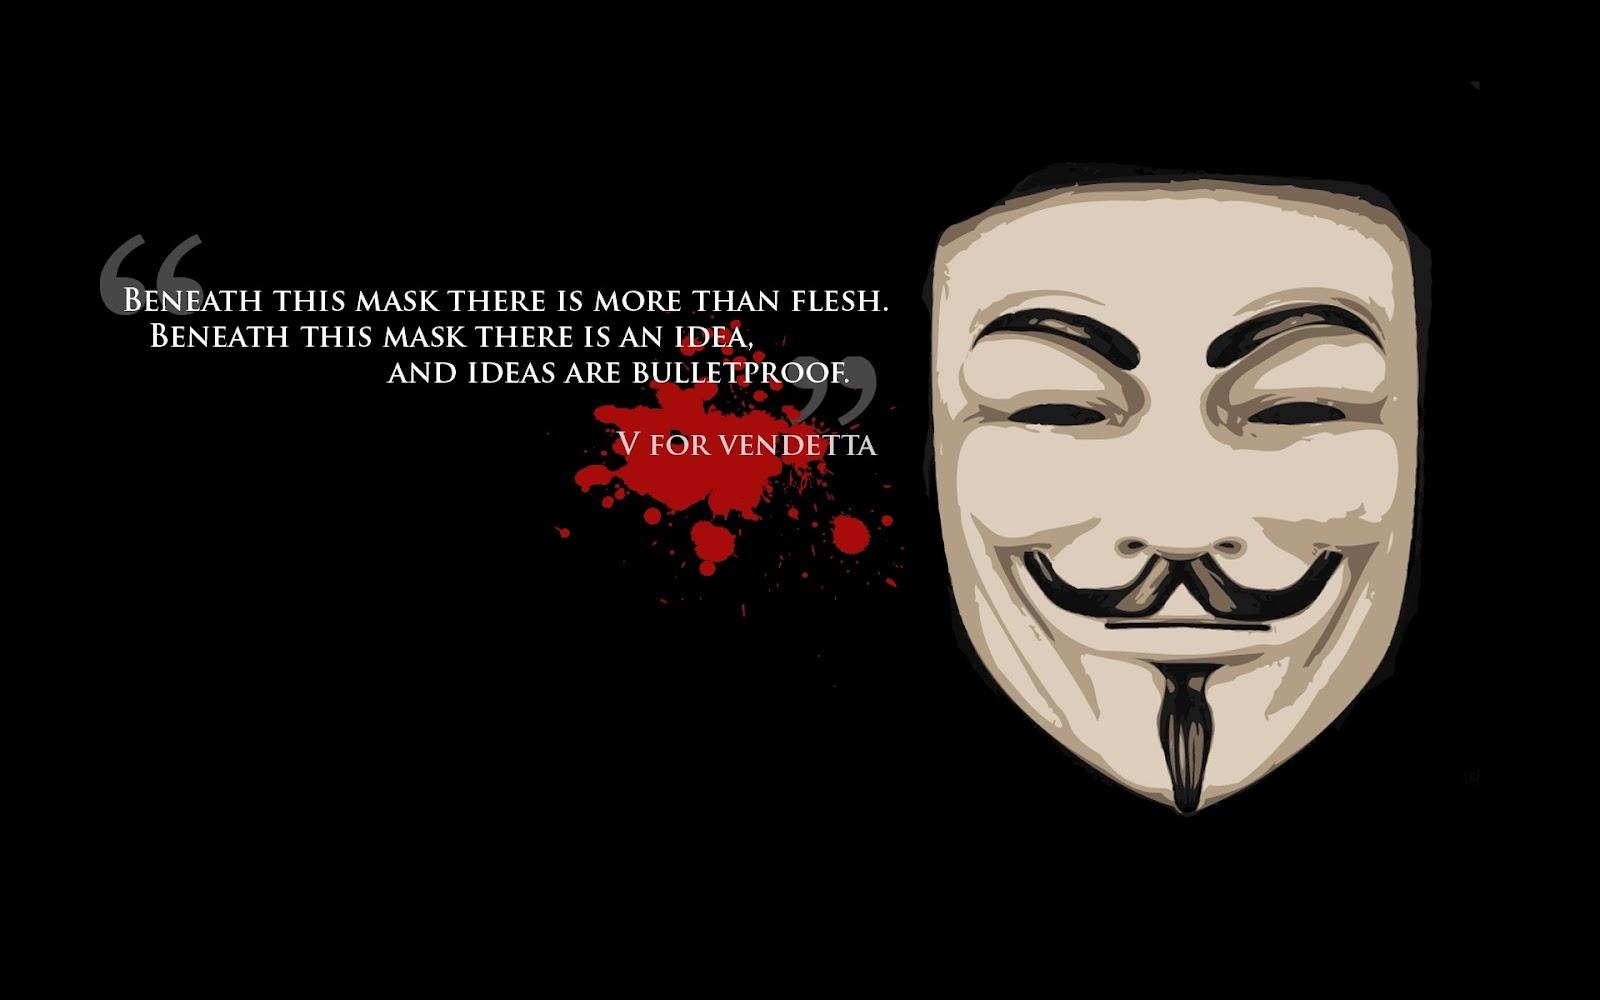 http://1.bp.blogspot.com/-mm2PP4QSBIE/UDWWPJzZJyI/AAAAAAAAAAc/_SlTeqXGMKQ/s1600/v-de-vendetta.jpg